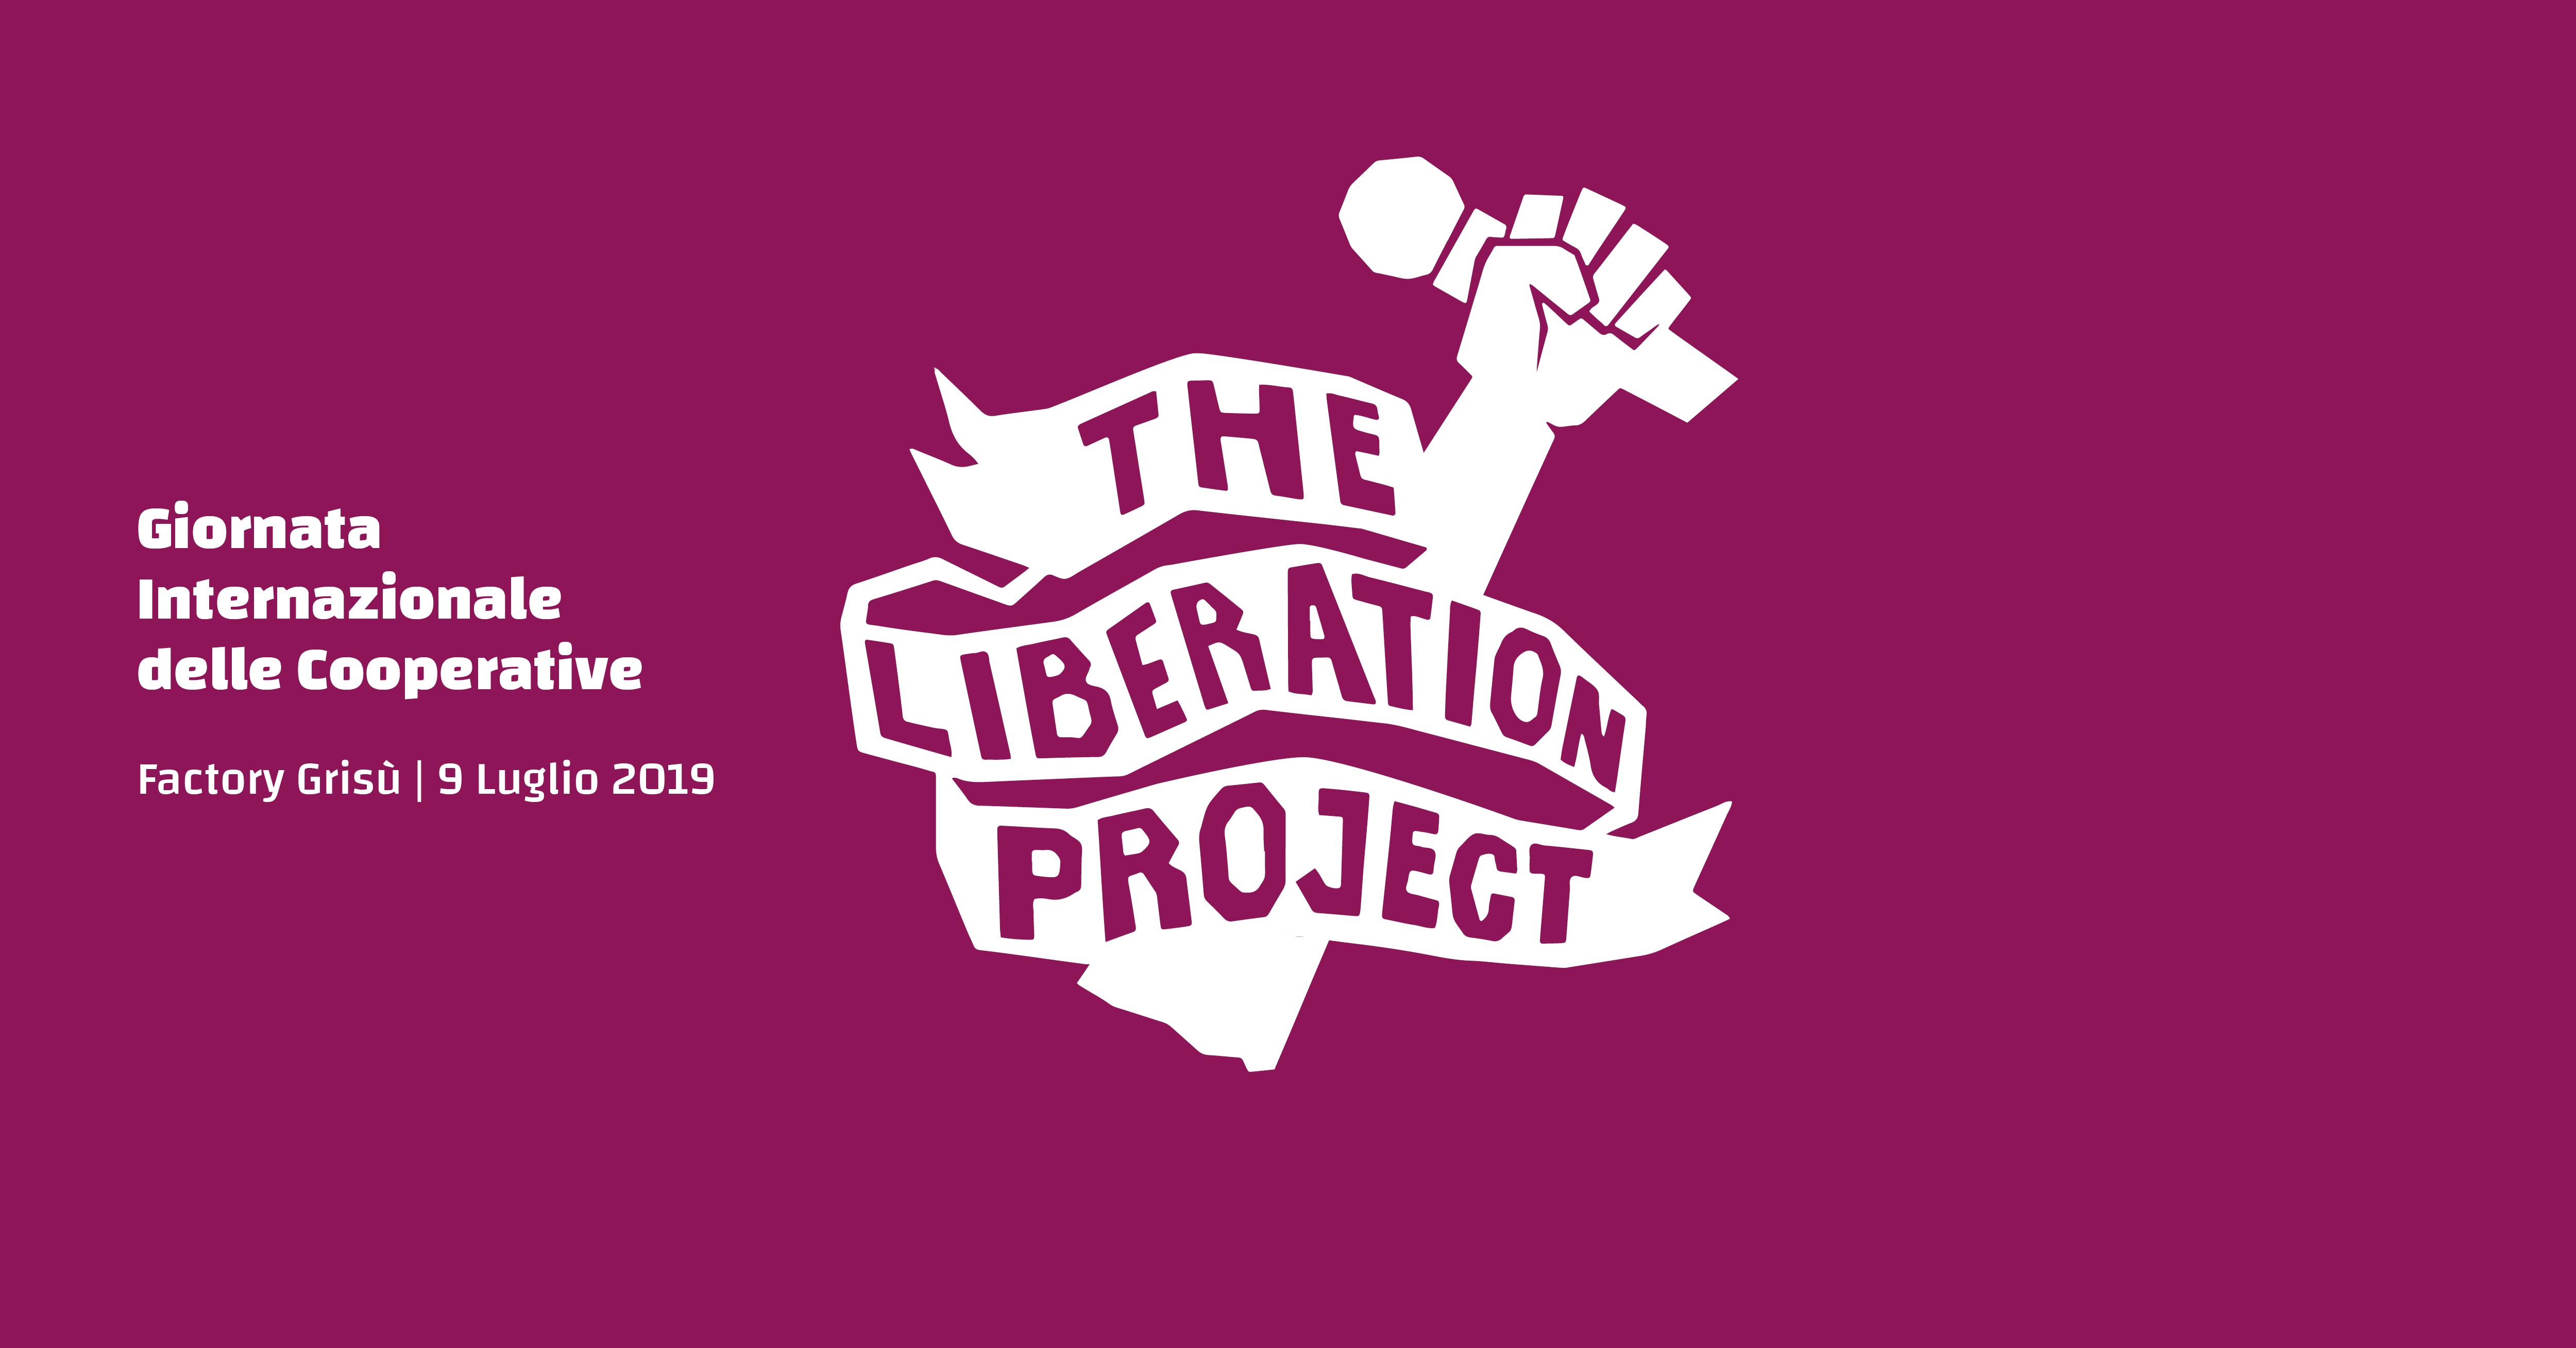 The Liberation Project e Ndileka Mandela a Ferrara per la Giornata Internazionale delle Cooperative: il 9 luglio il concerto a Factory Grisù